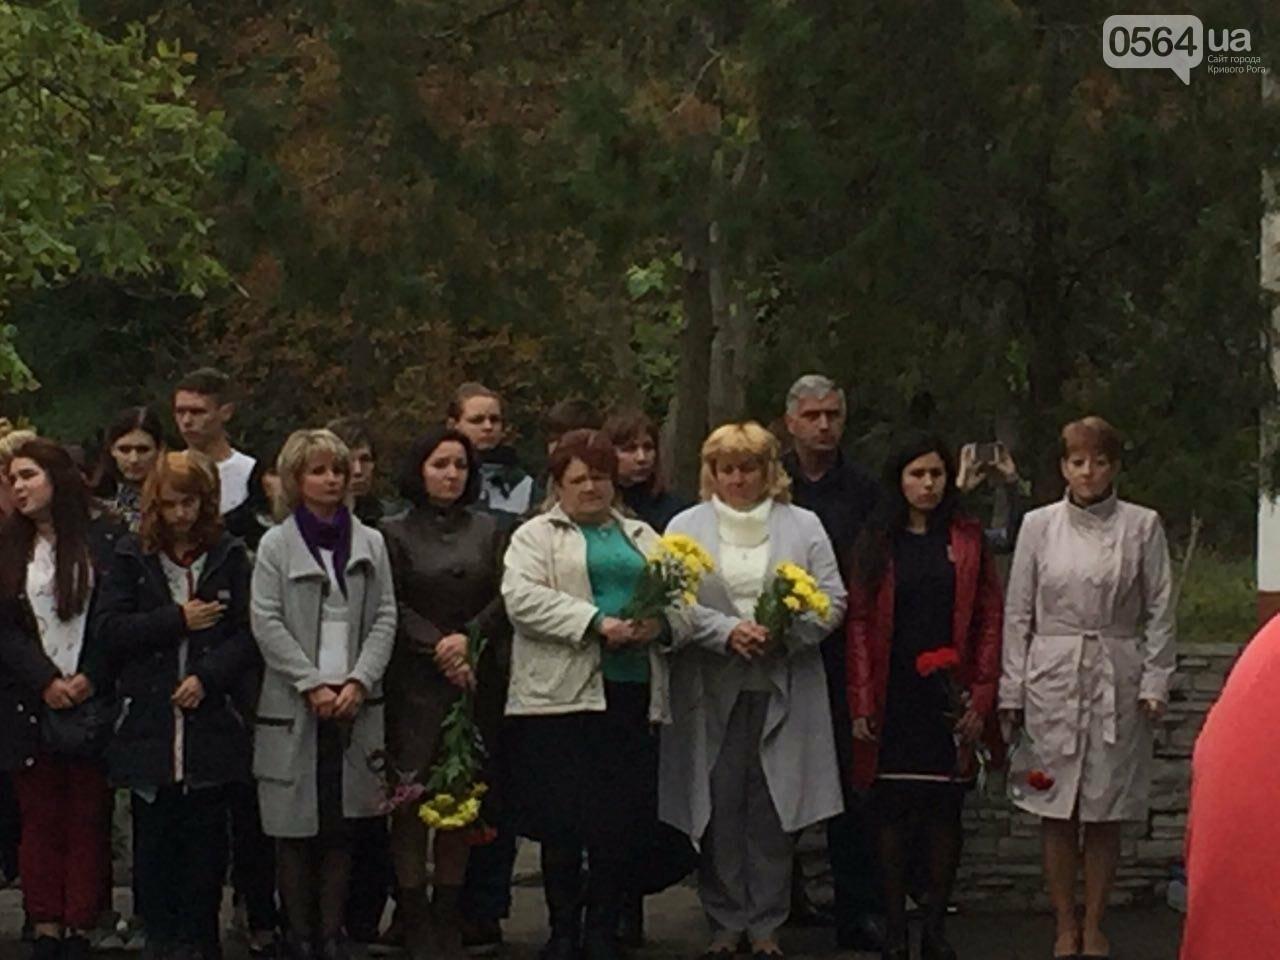 В Кривом Роге память о бойце АТО - Смайлике увековечили в мраморе (ФОТО) , фото-8